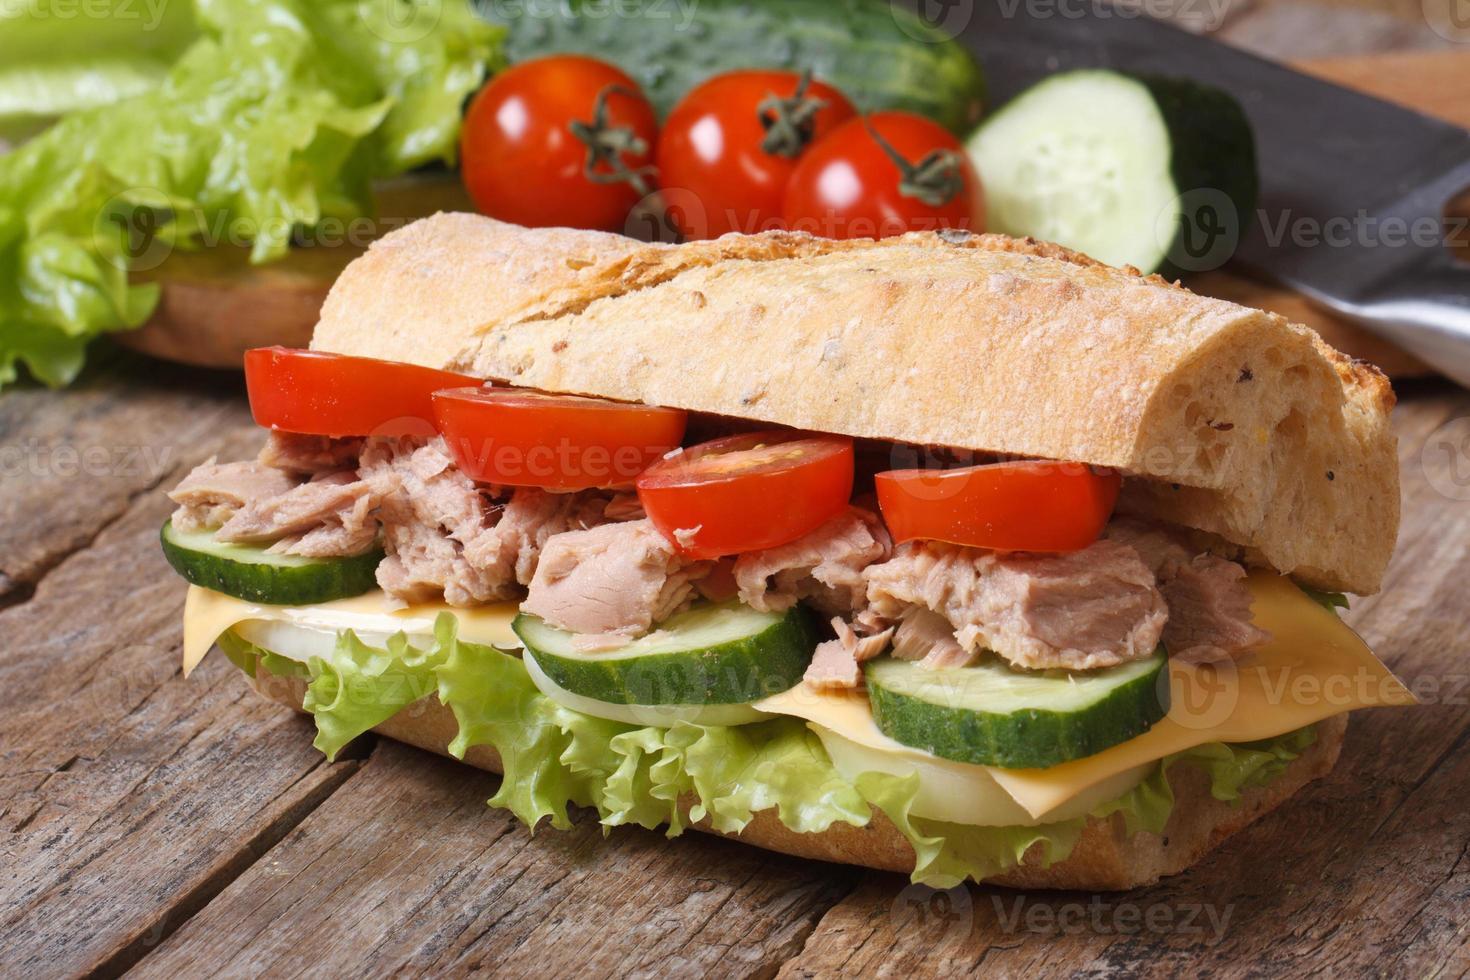 Thunfisch-Sandwich mit Gemüse auf Hintergrund der Zutaten. foto